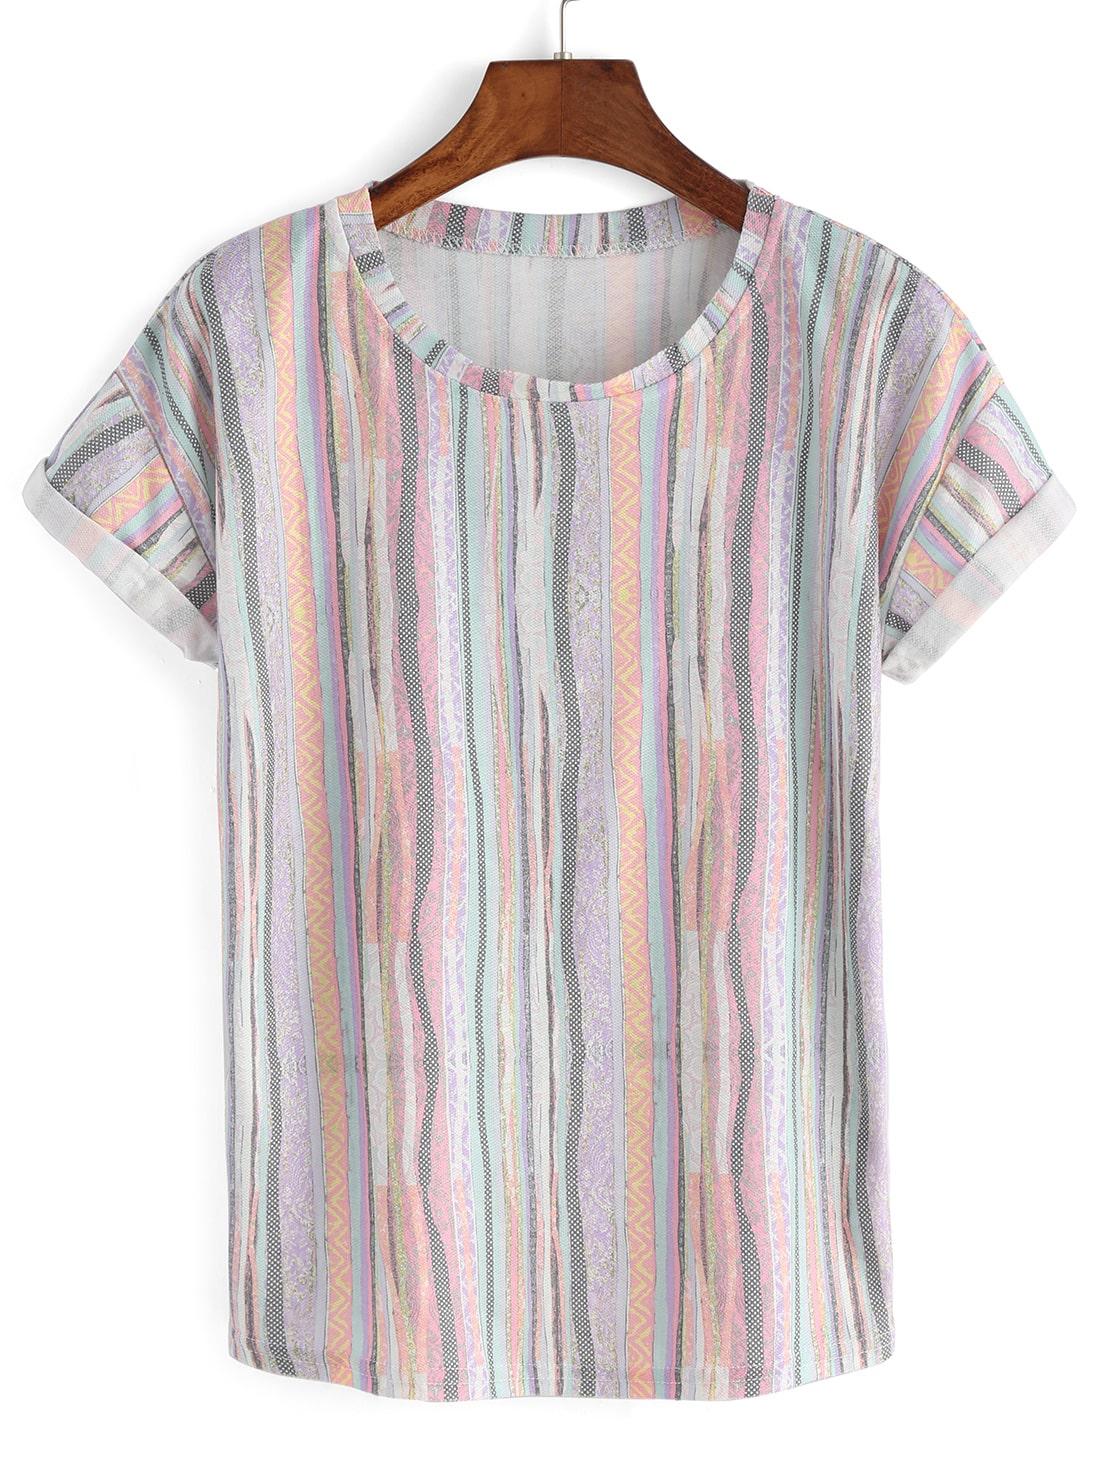 Multicolor Vertical Stripe Cuffed T-shirt -SheIn(Sheinside)